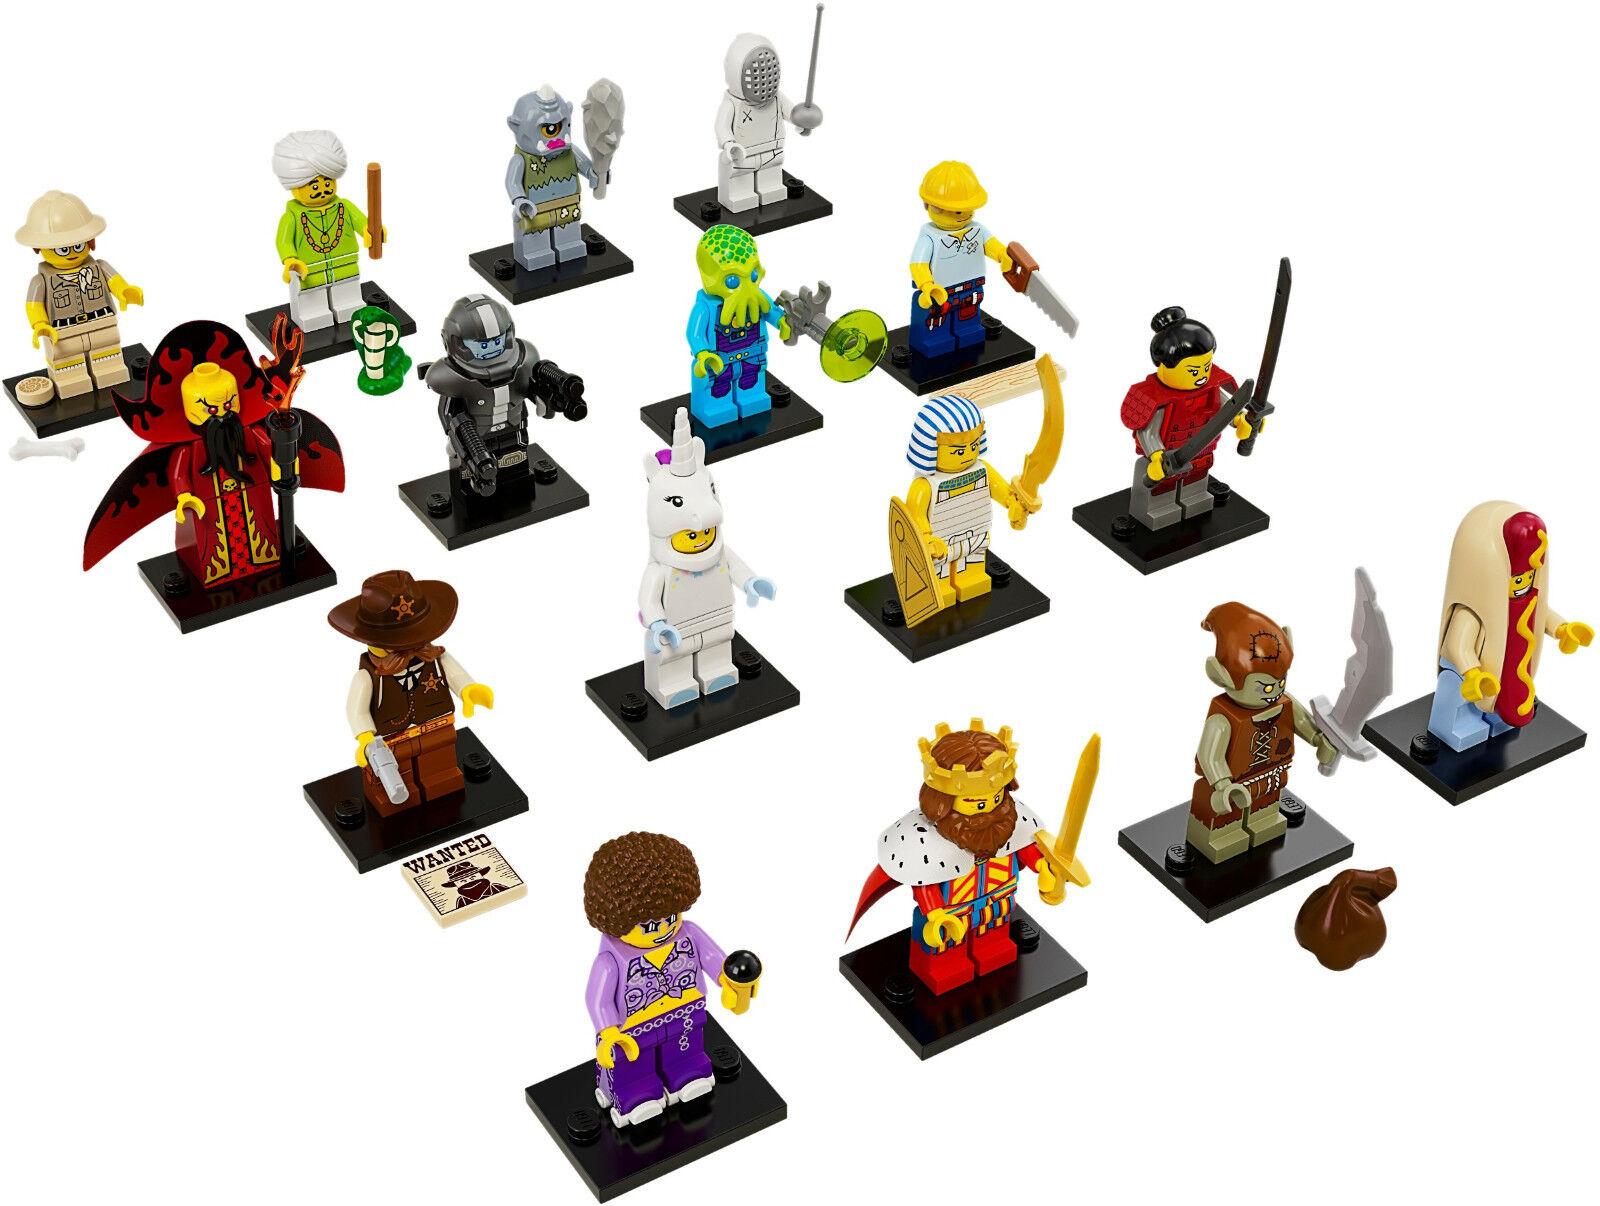 Nouveau Lego 71008 Jeu Complet Of 16 Mini Figurine S Séries 13